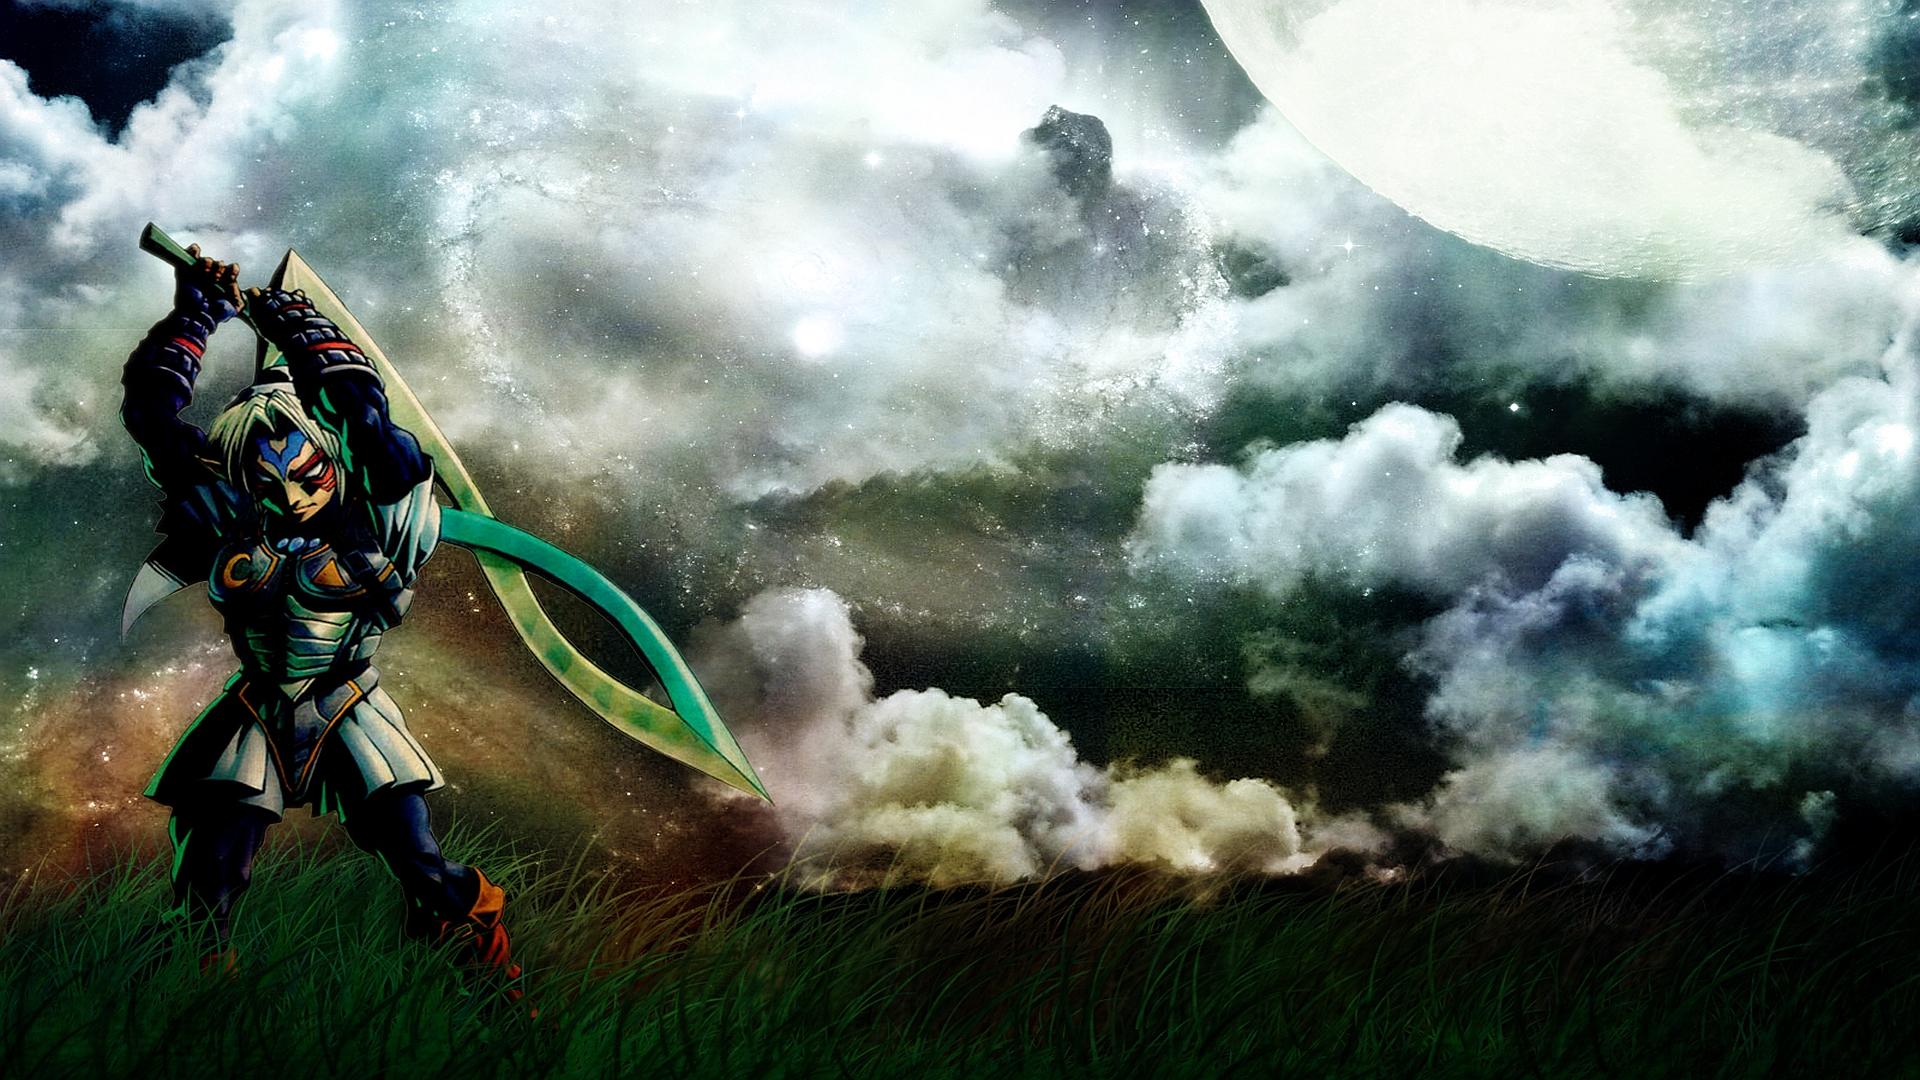 Legend Of Zelda Wallpaper 1920x1080: Desktop Wallpaper Zelda